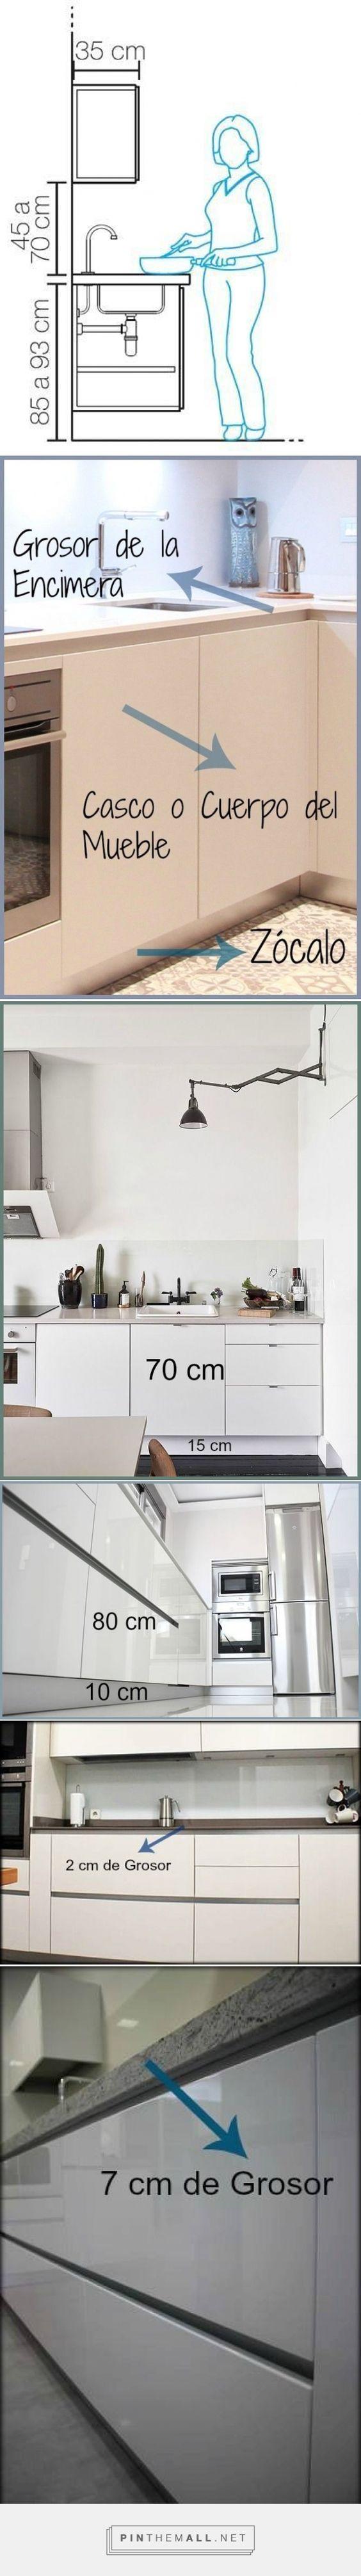 Pin de Silvina en Antropometría   Pinterest   Cocinas, Planos y ...